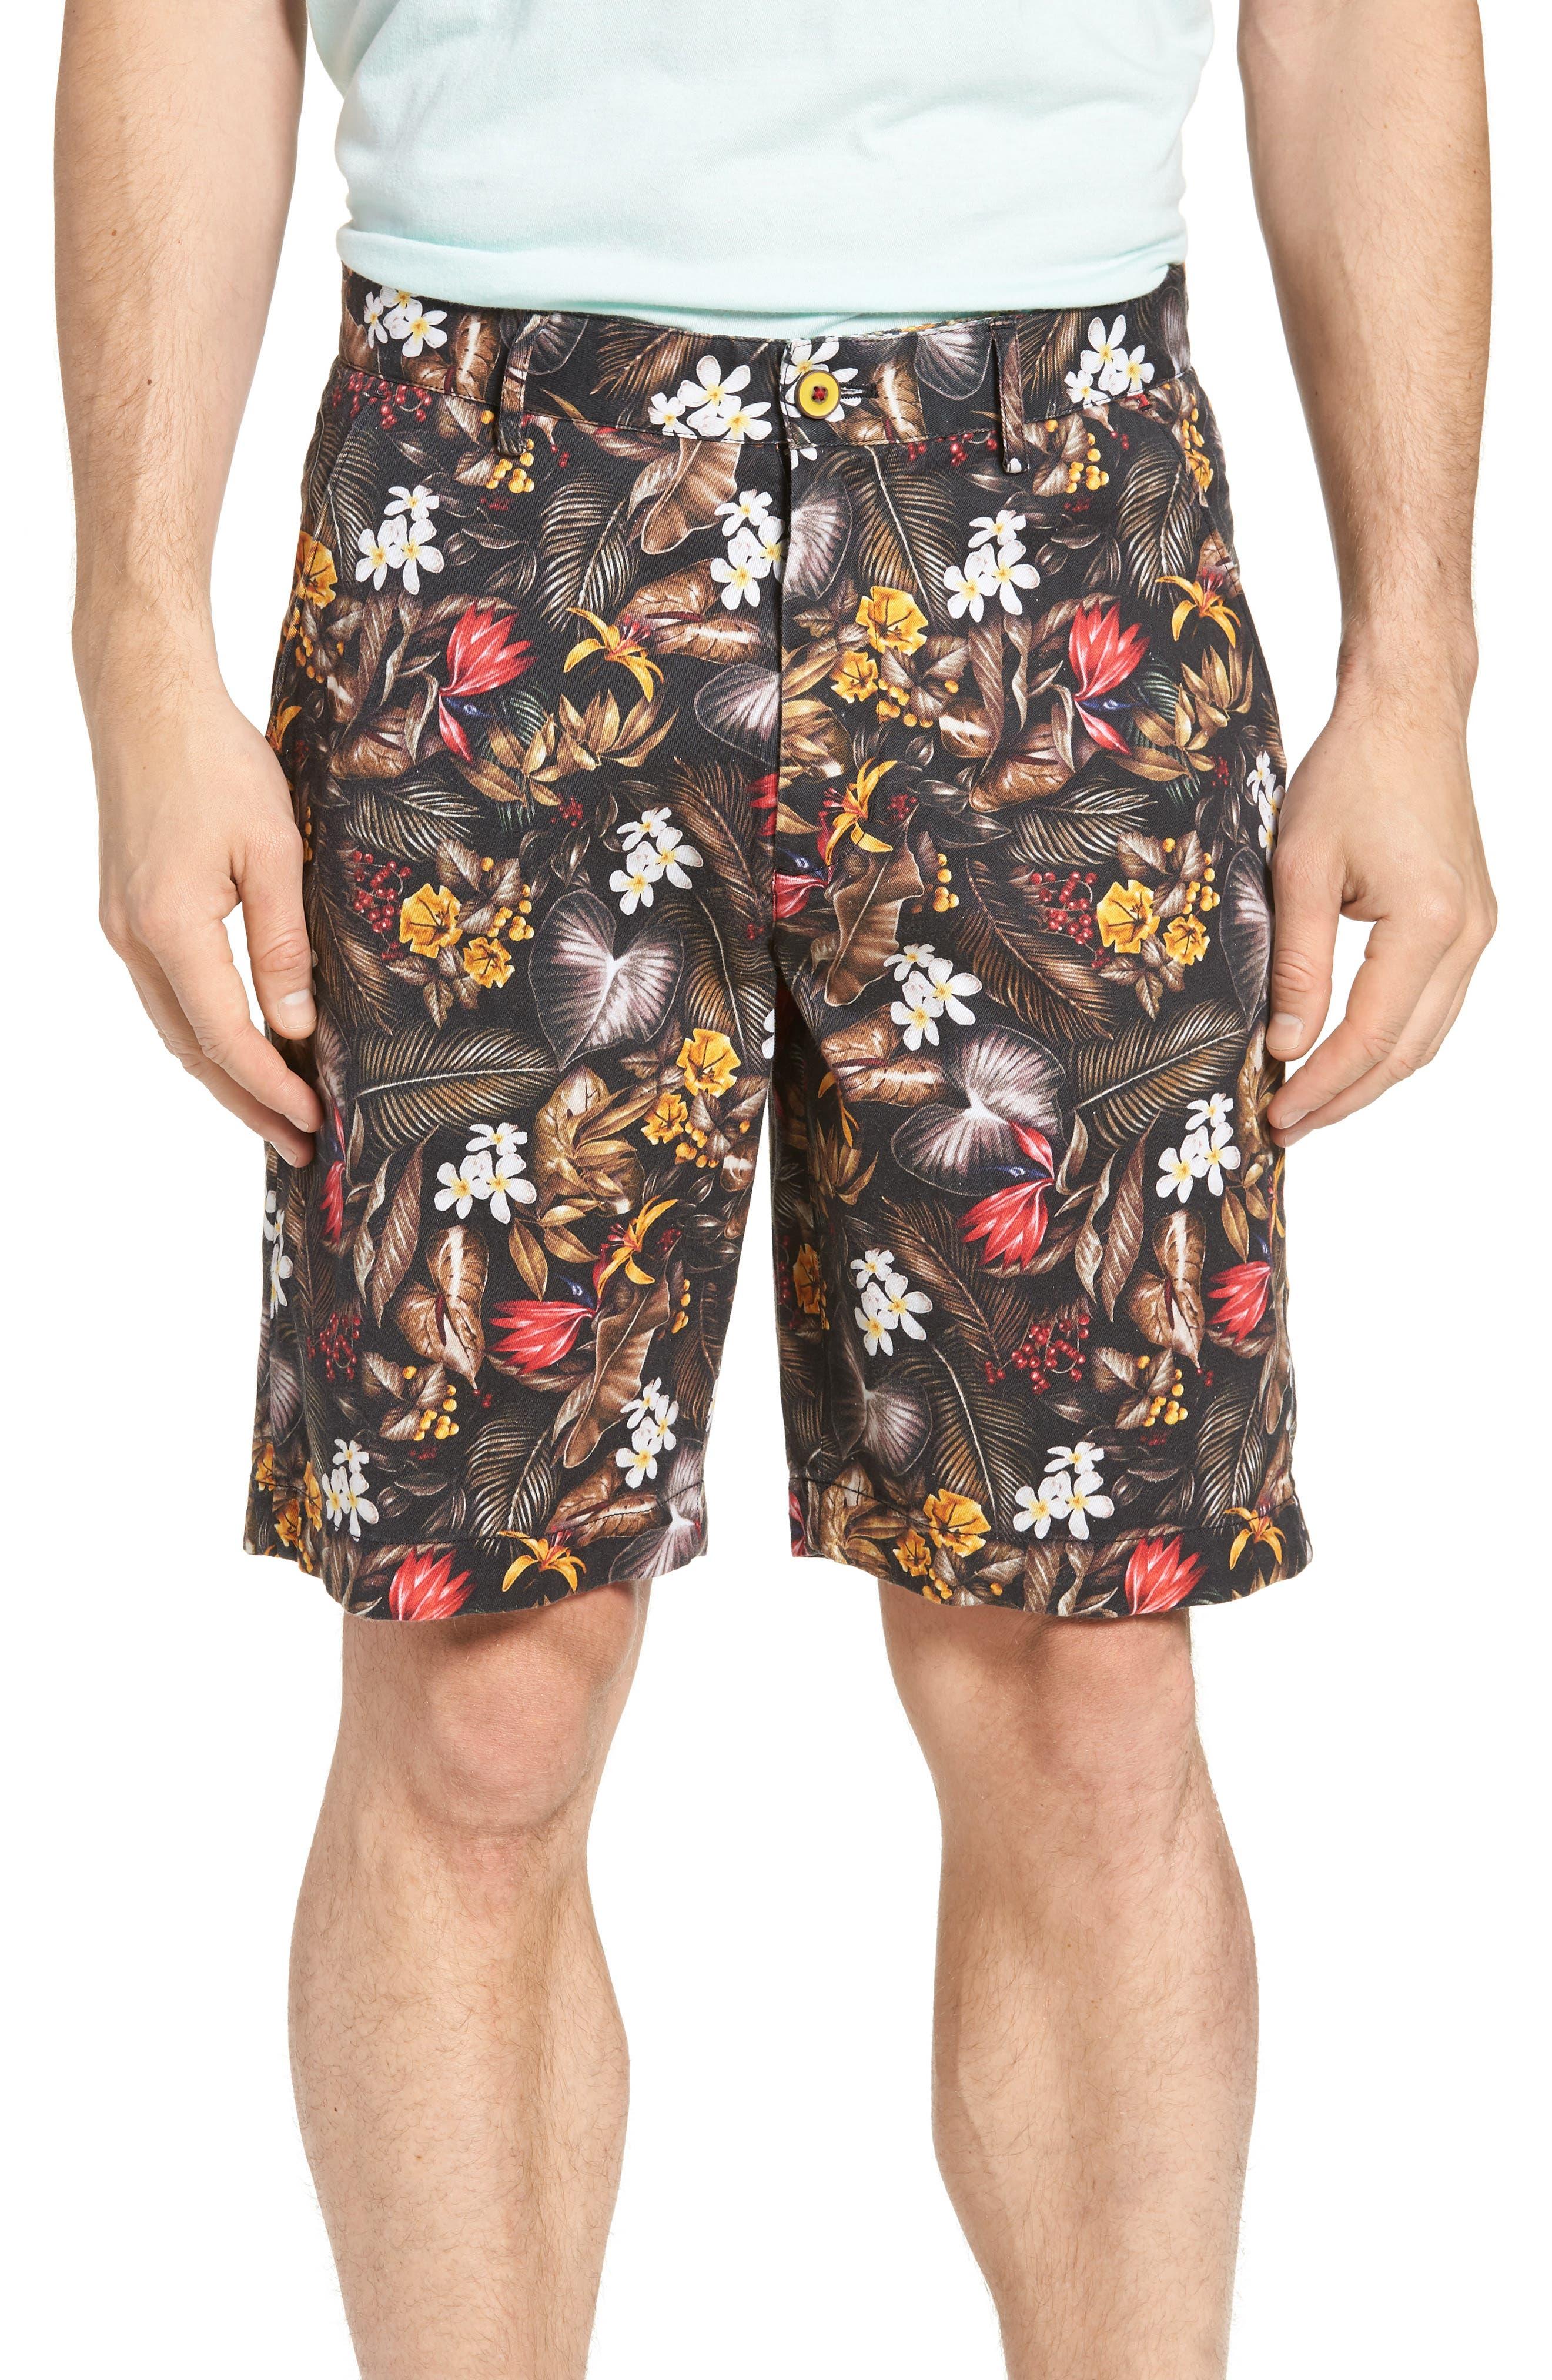 Maracas Woven Shorts,                             Main thumbnail 1, color,                             Multi